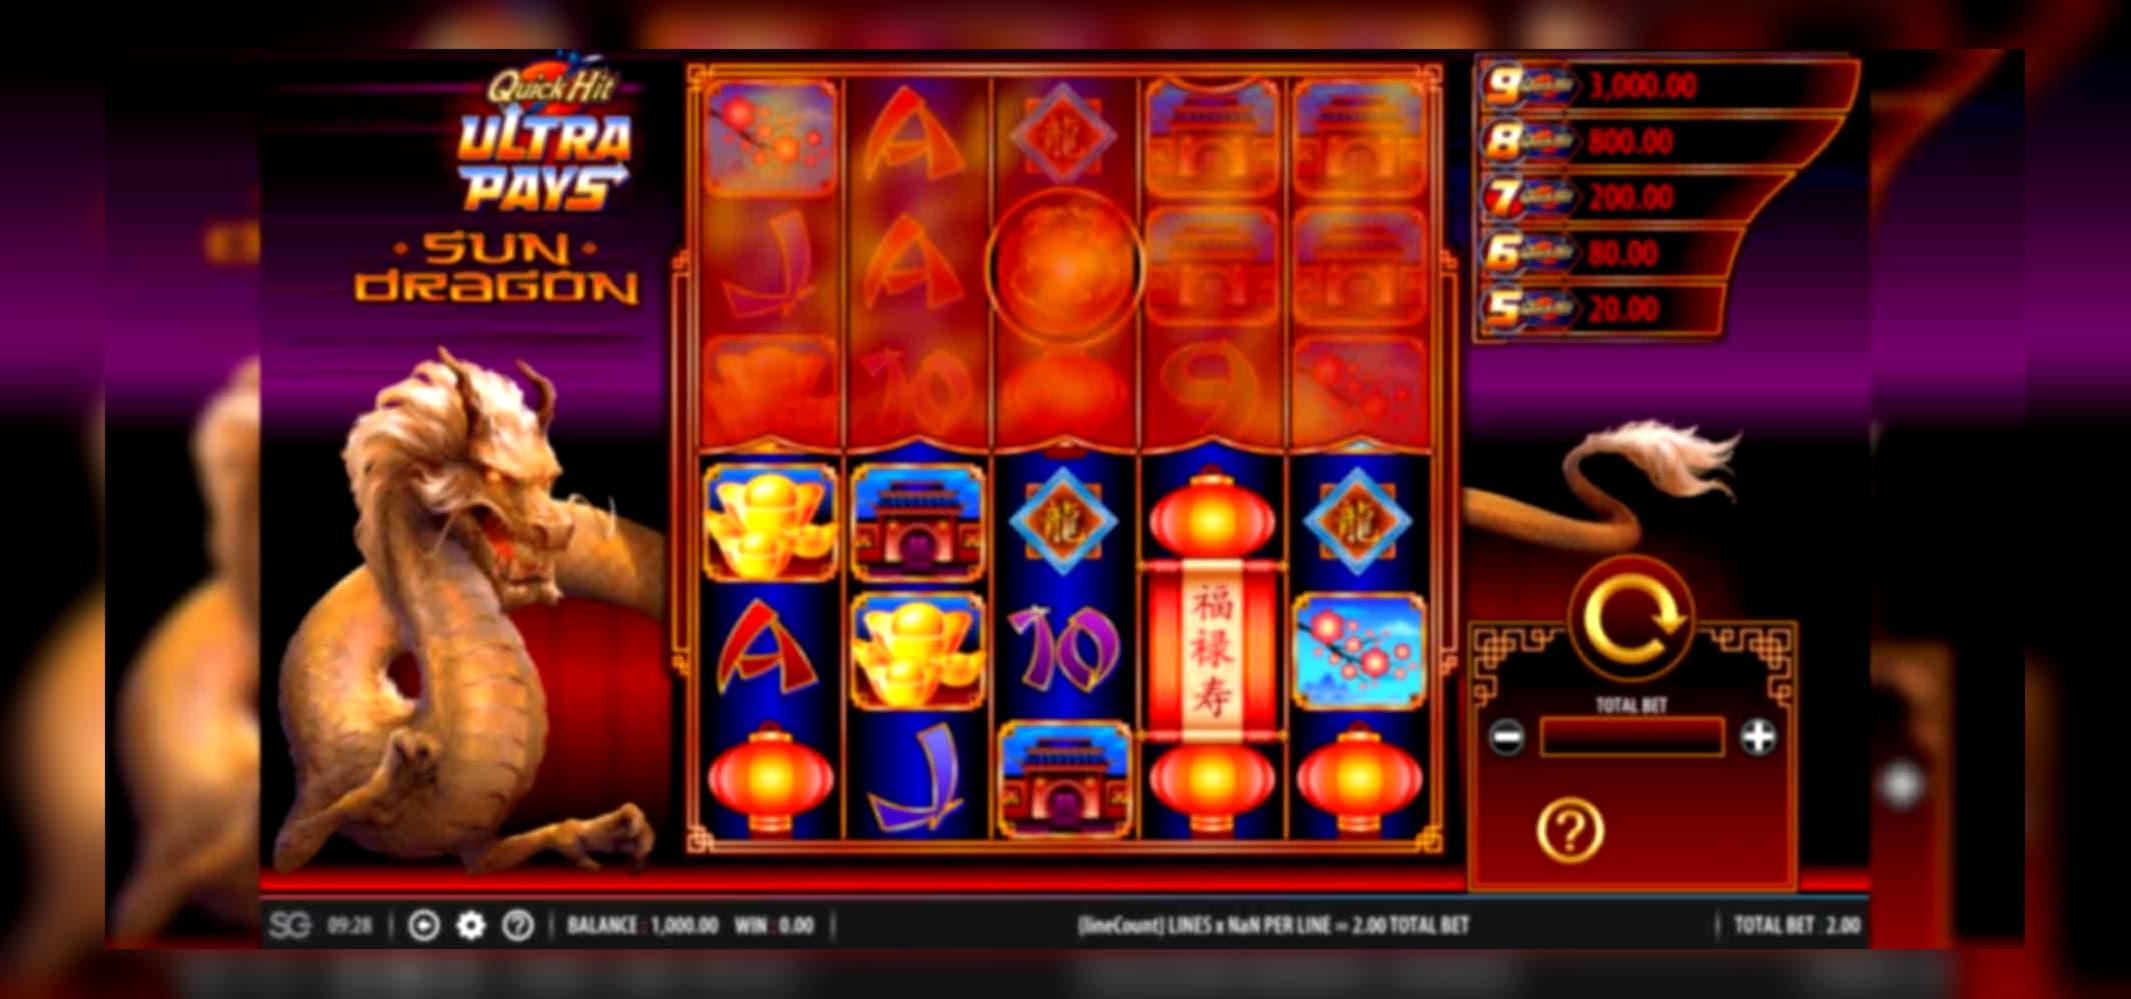 เงินสด 400 ฟรีที่ Two-Up Casino